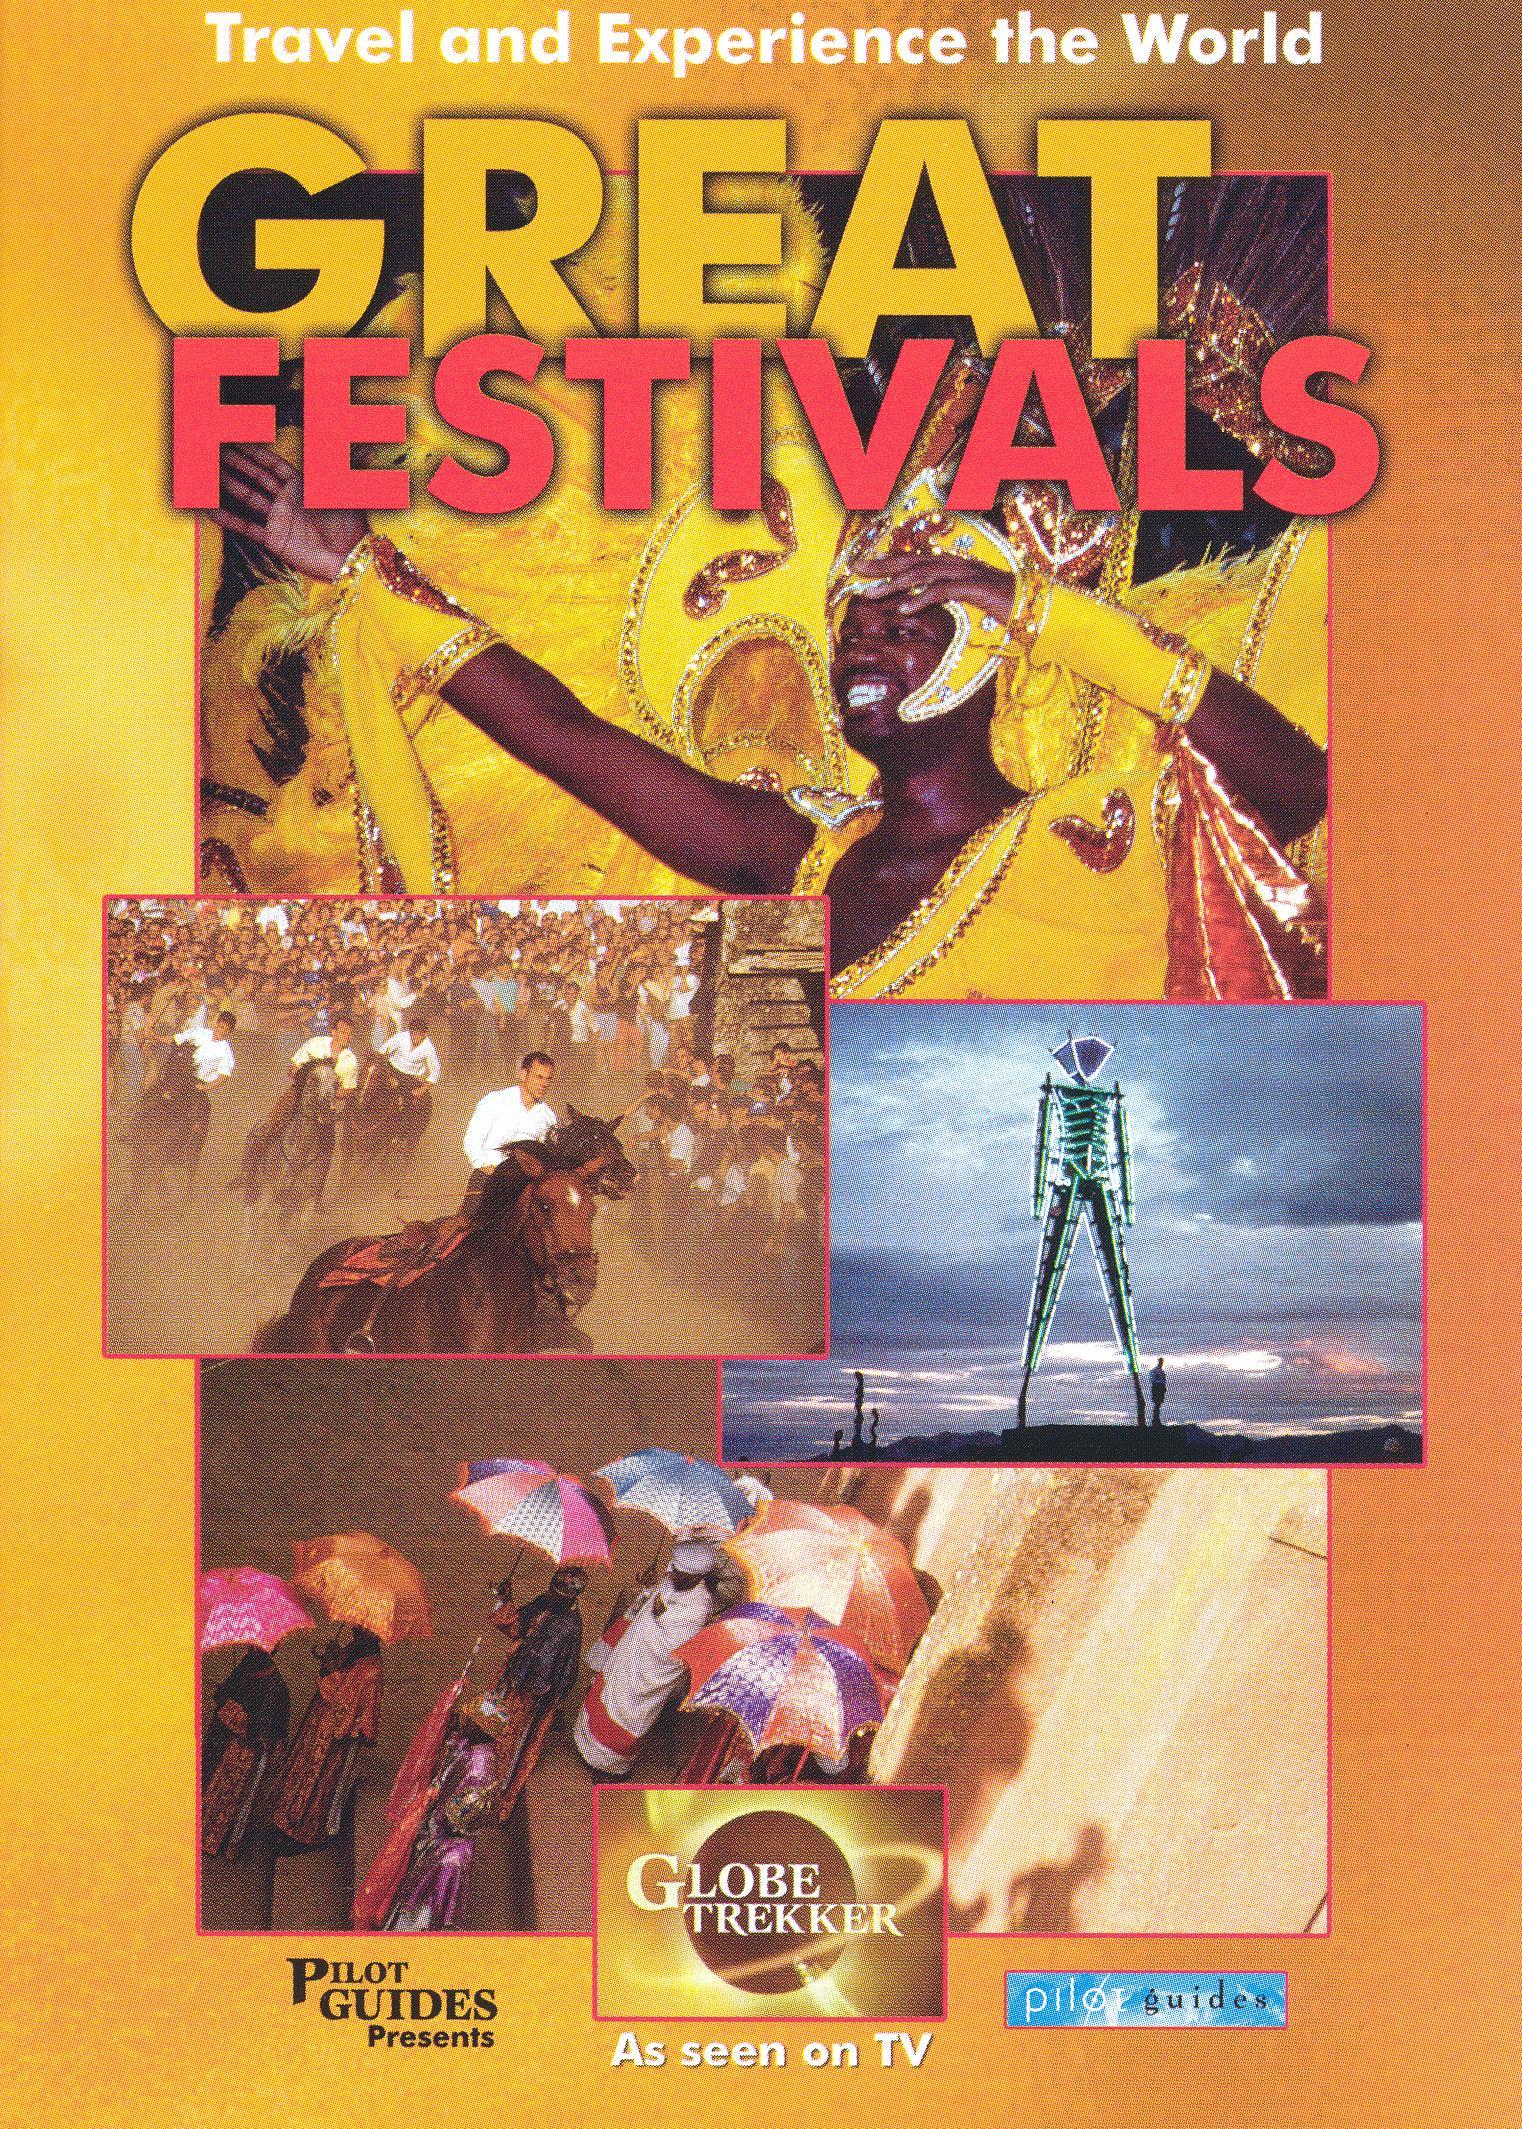 Globe Trekker: Great Festivals